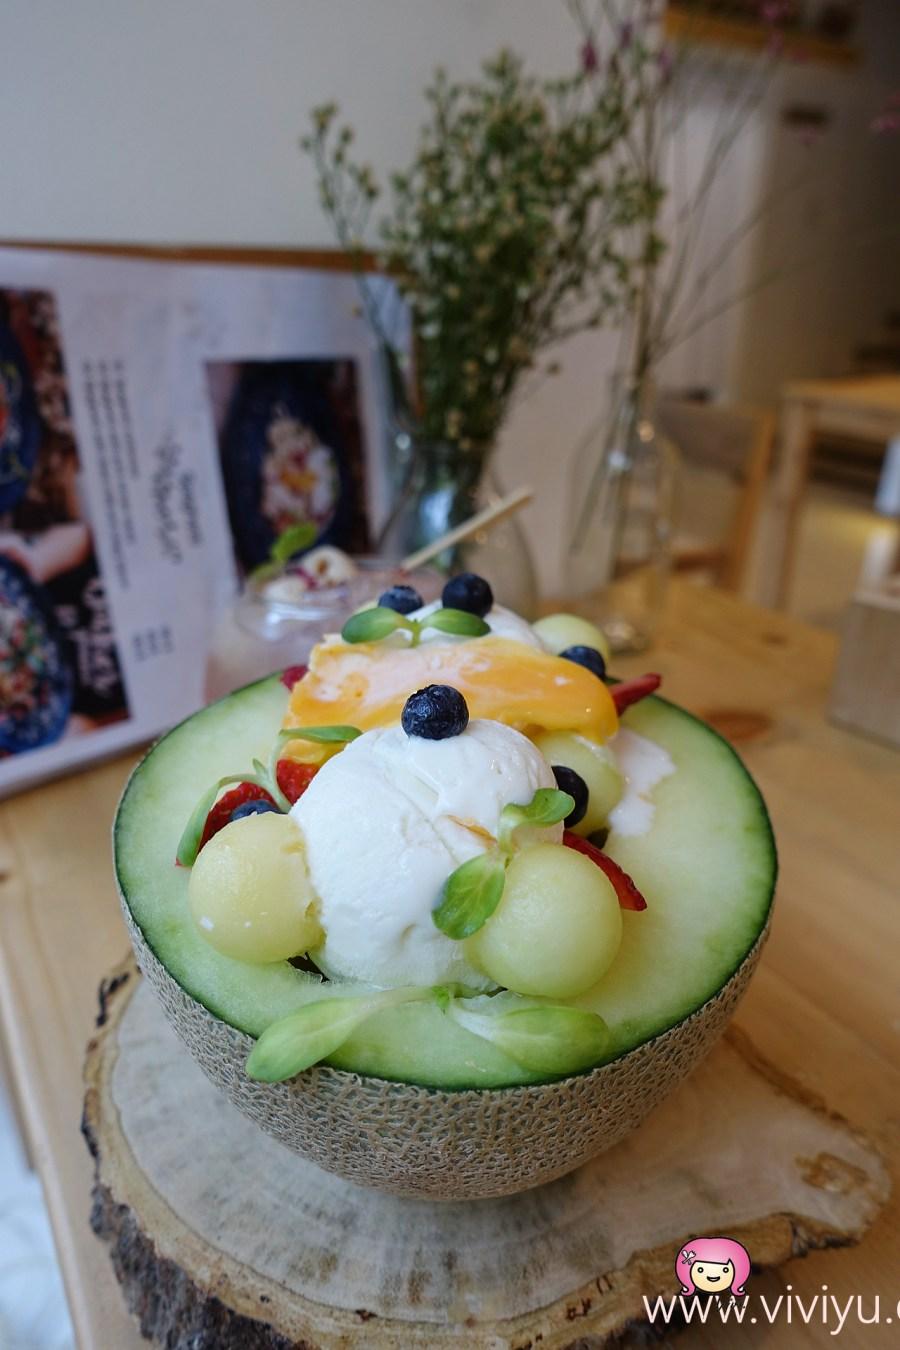 baker gonna bake,Baker Gonna Bake Cafe,曼谷冰品,曼谷咖啡館,曼谷美食,泰國咖啡館 @VIVIYU小世界